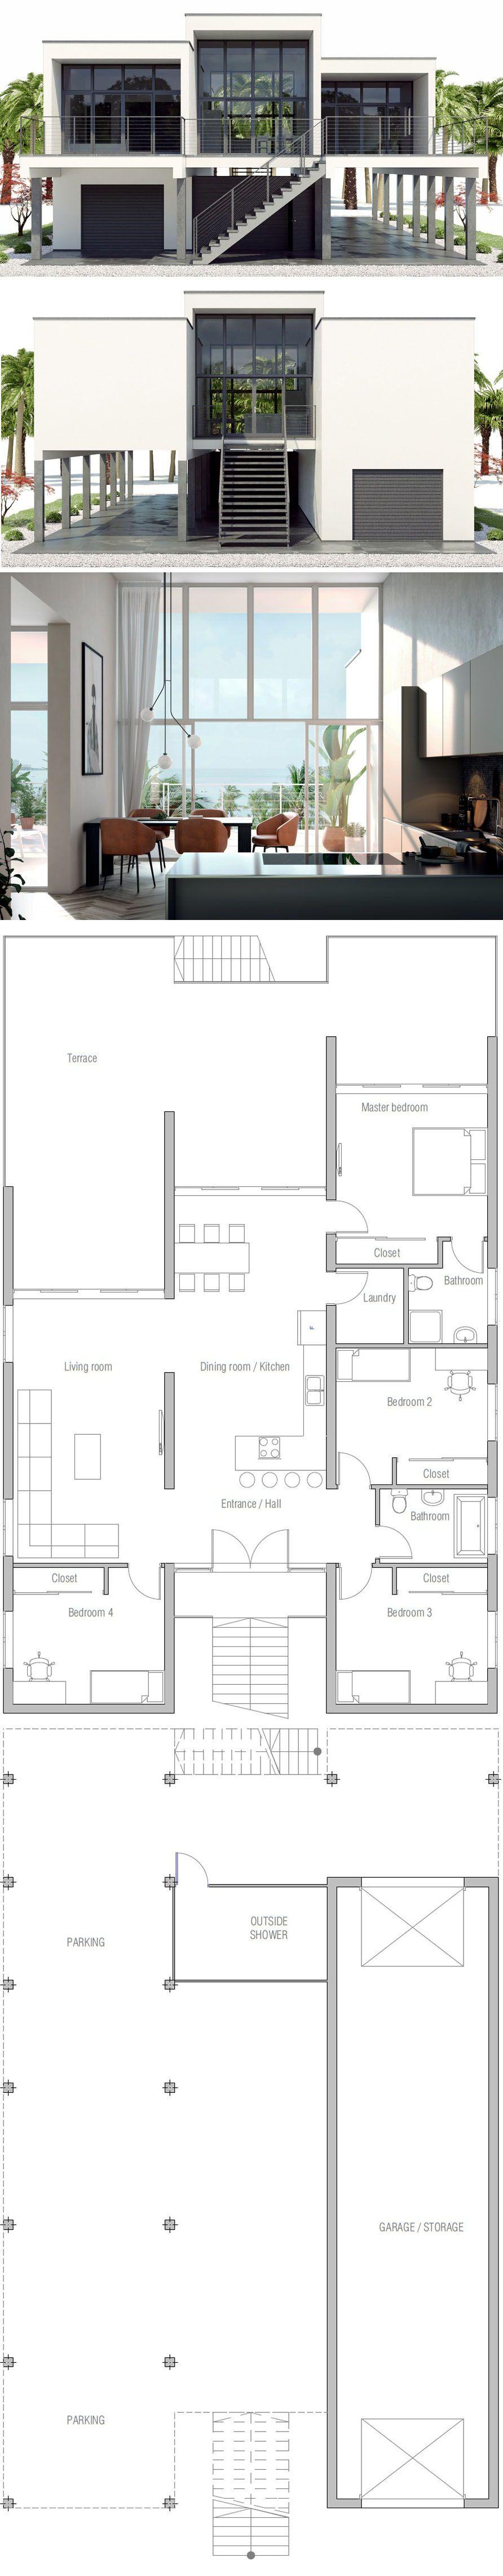 Plan De Maison Maison Minimaliste Maisons Minimalistes